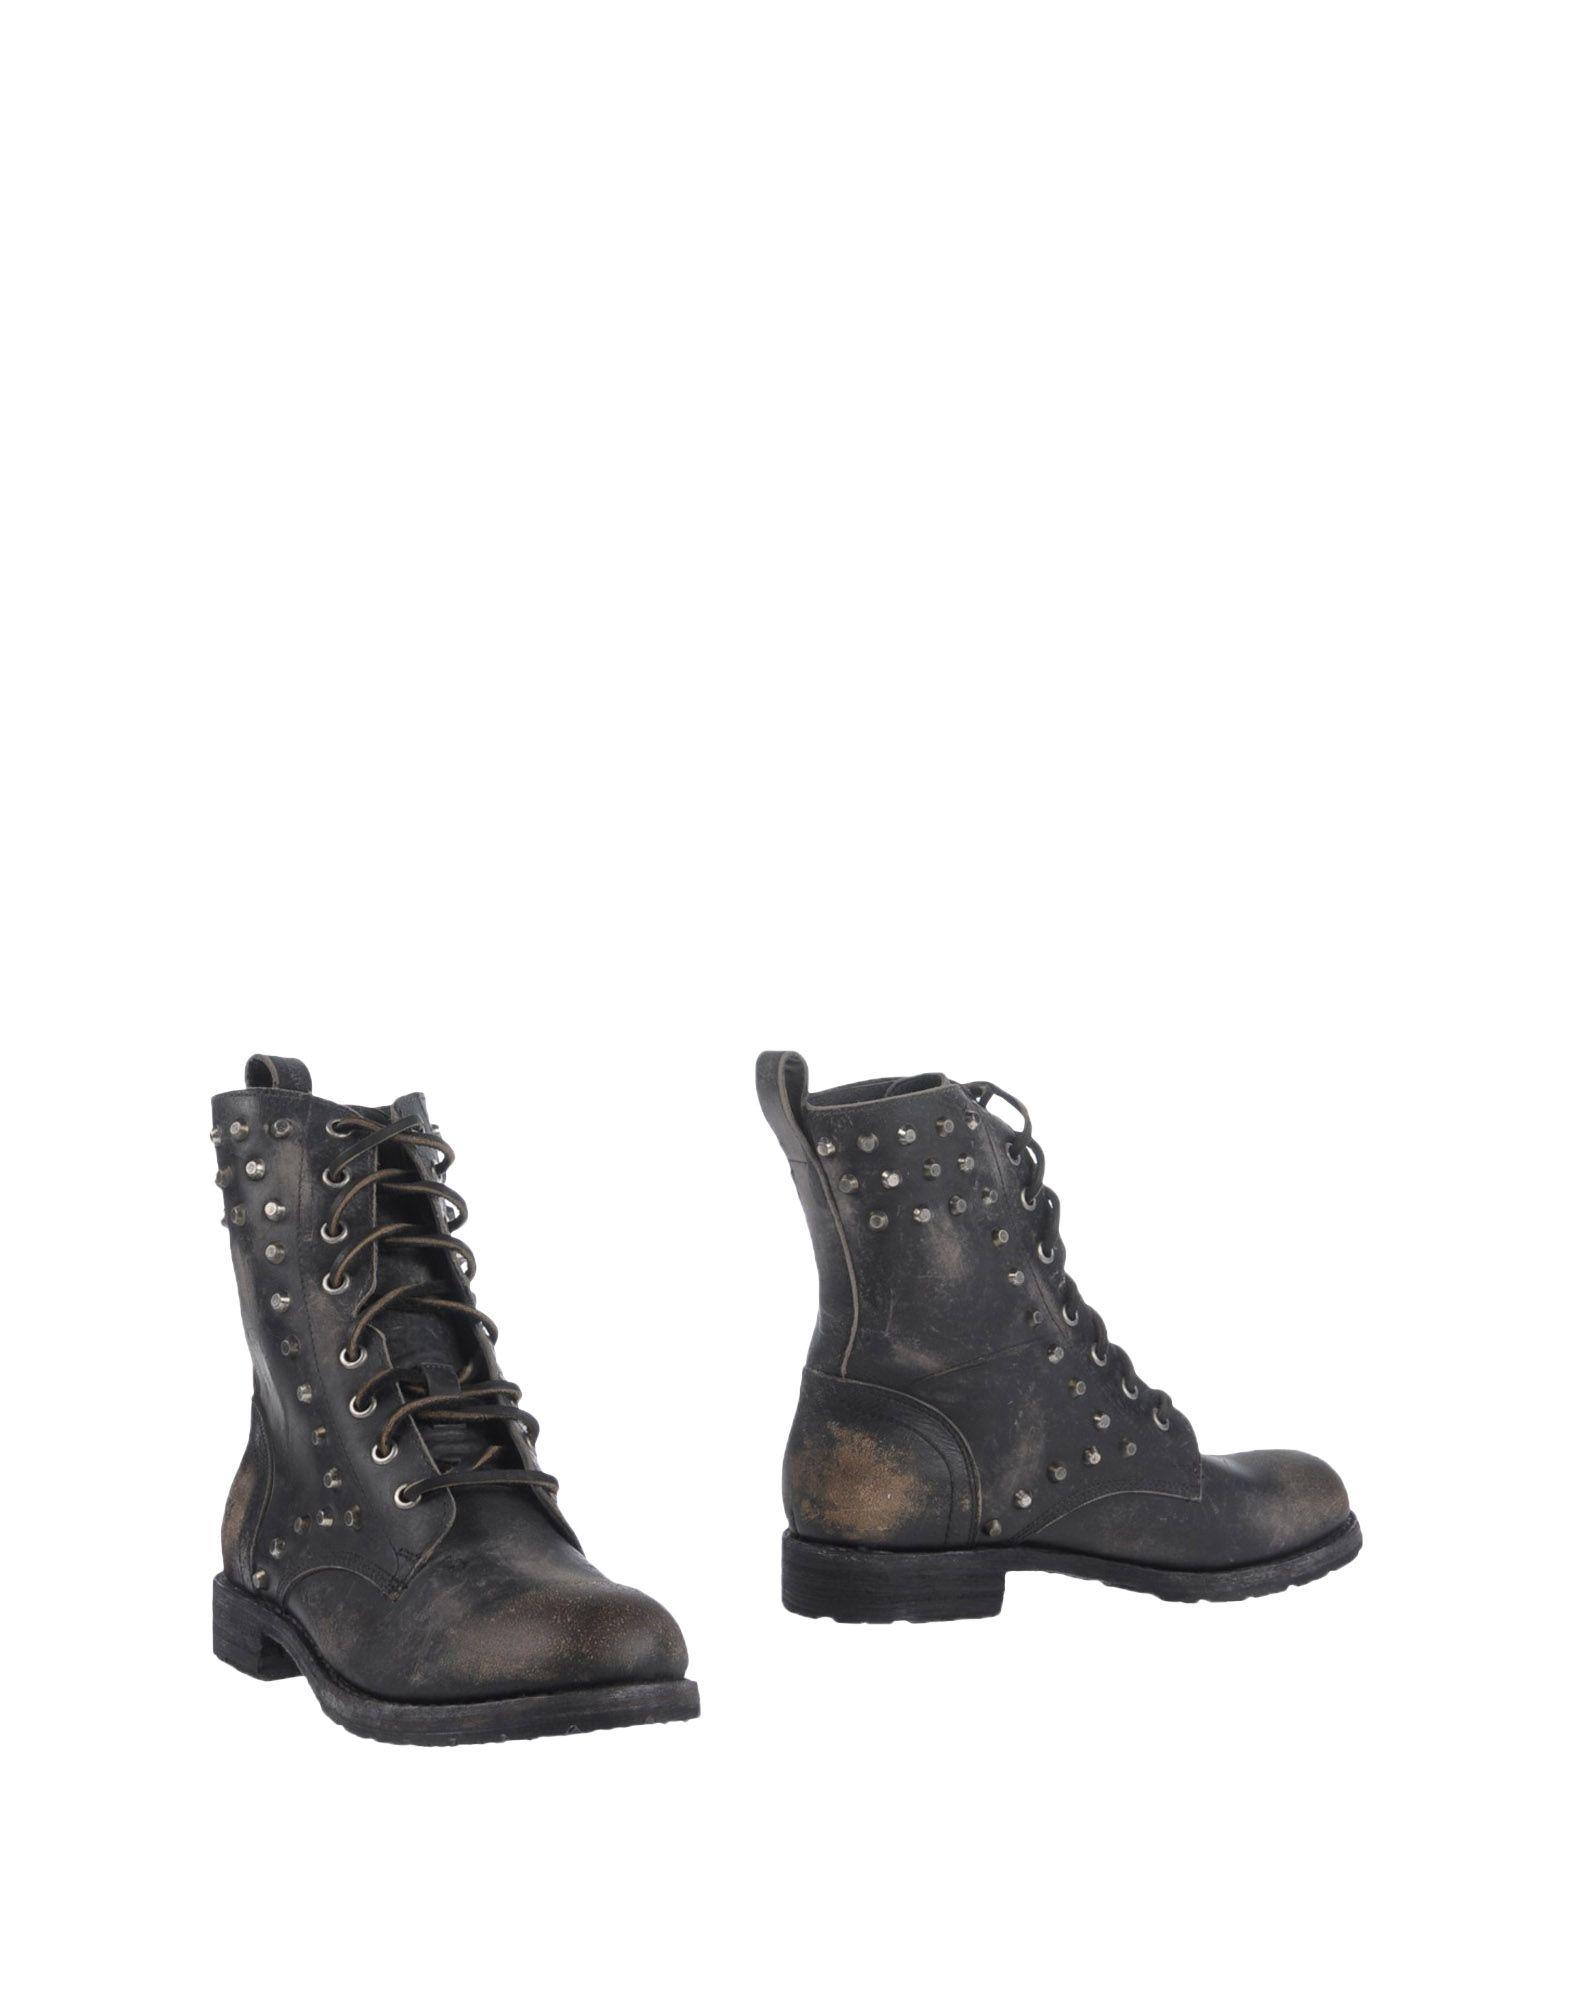 Rabatt Schuhe Frye Stiefelette Damen  11022307ST